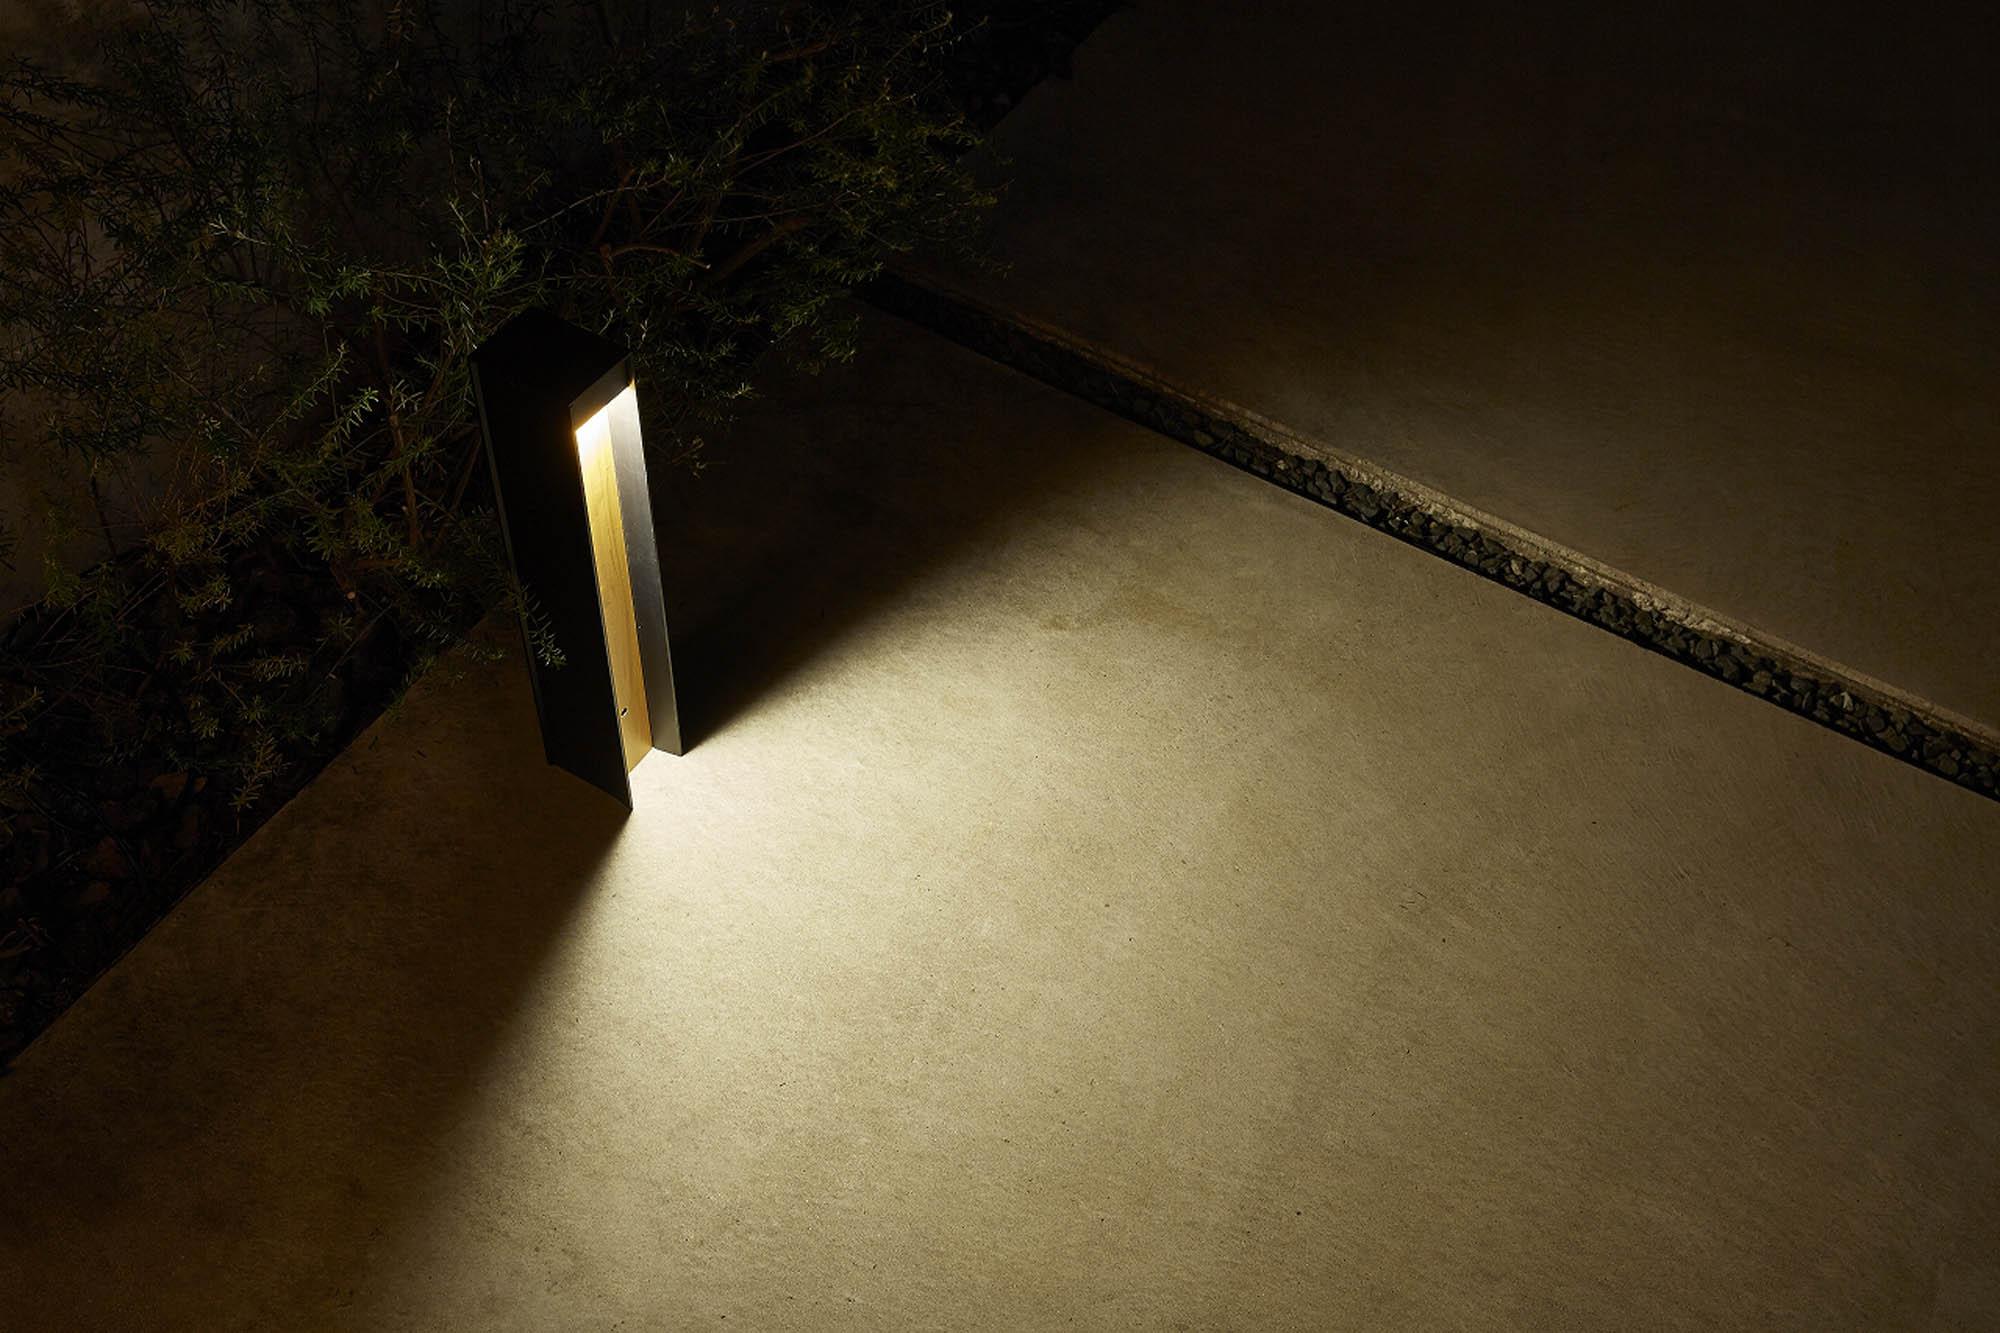 エバーアートポールライト7型の床面配光で足元を照らしている写真